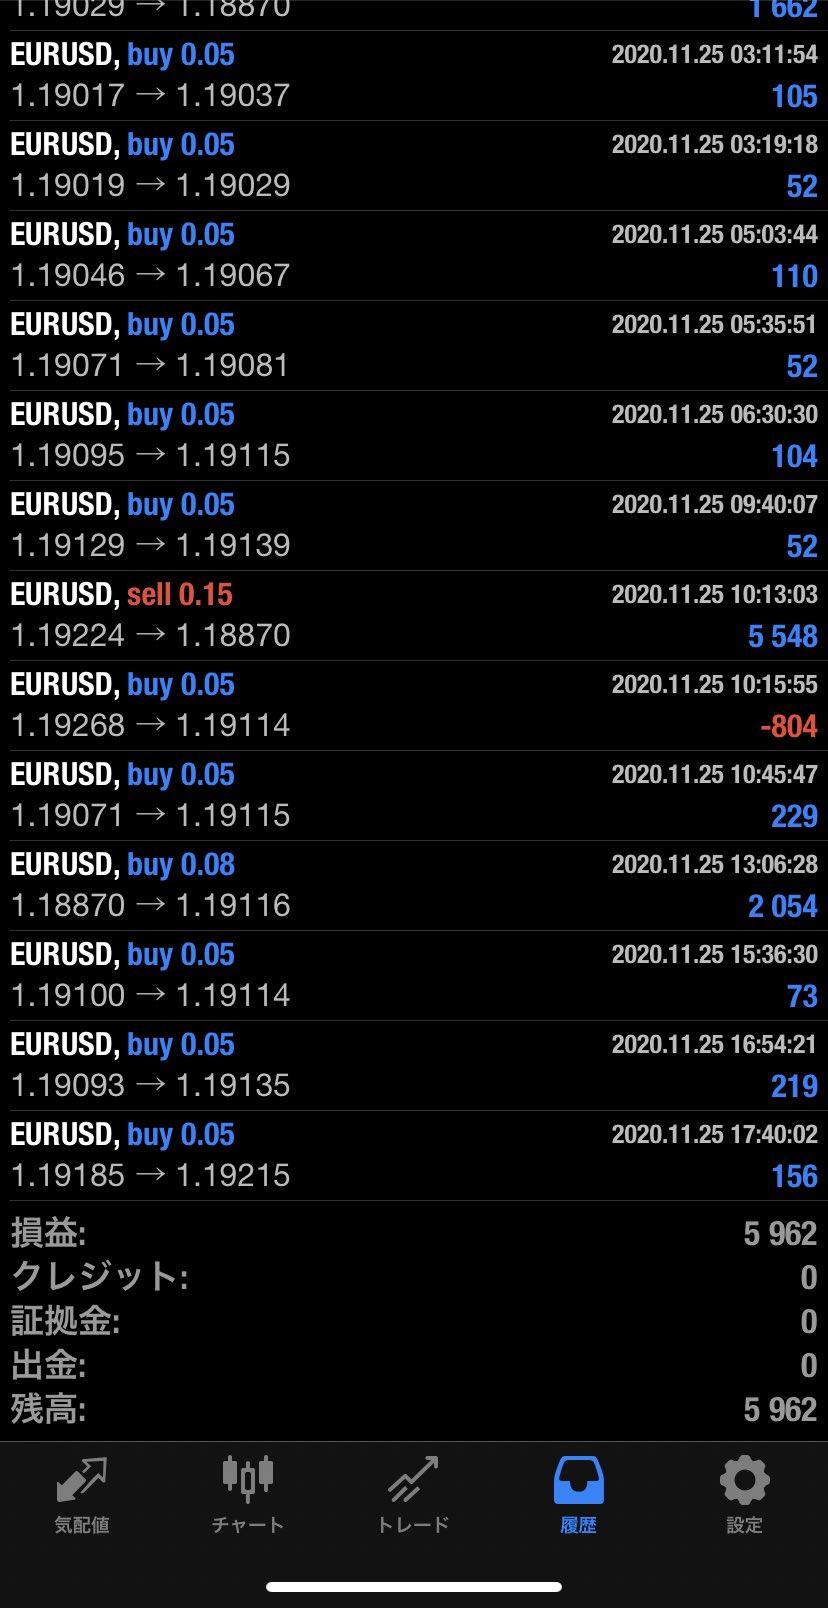 2020年11月25日 EUR/USDバージョン5,962円